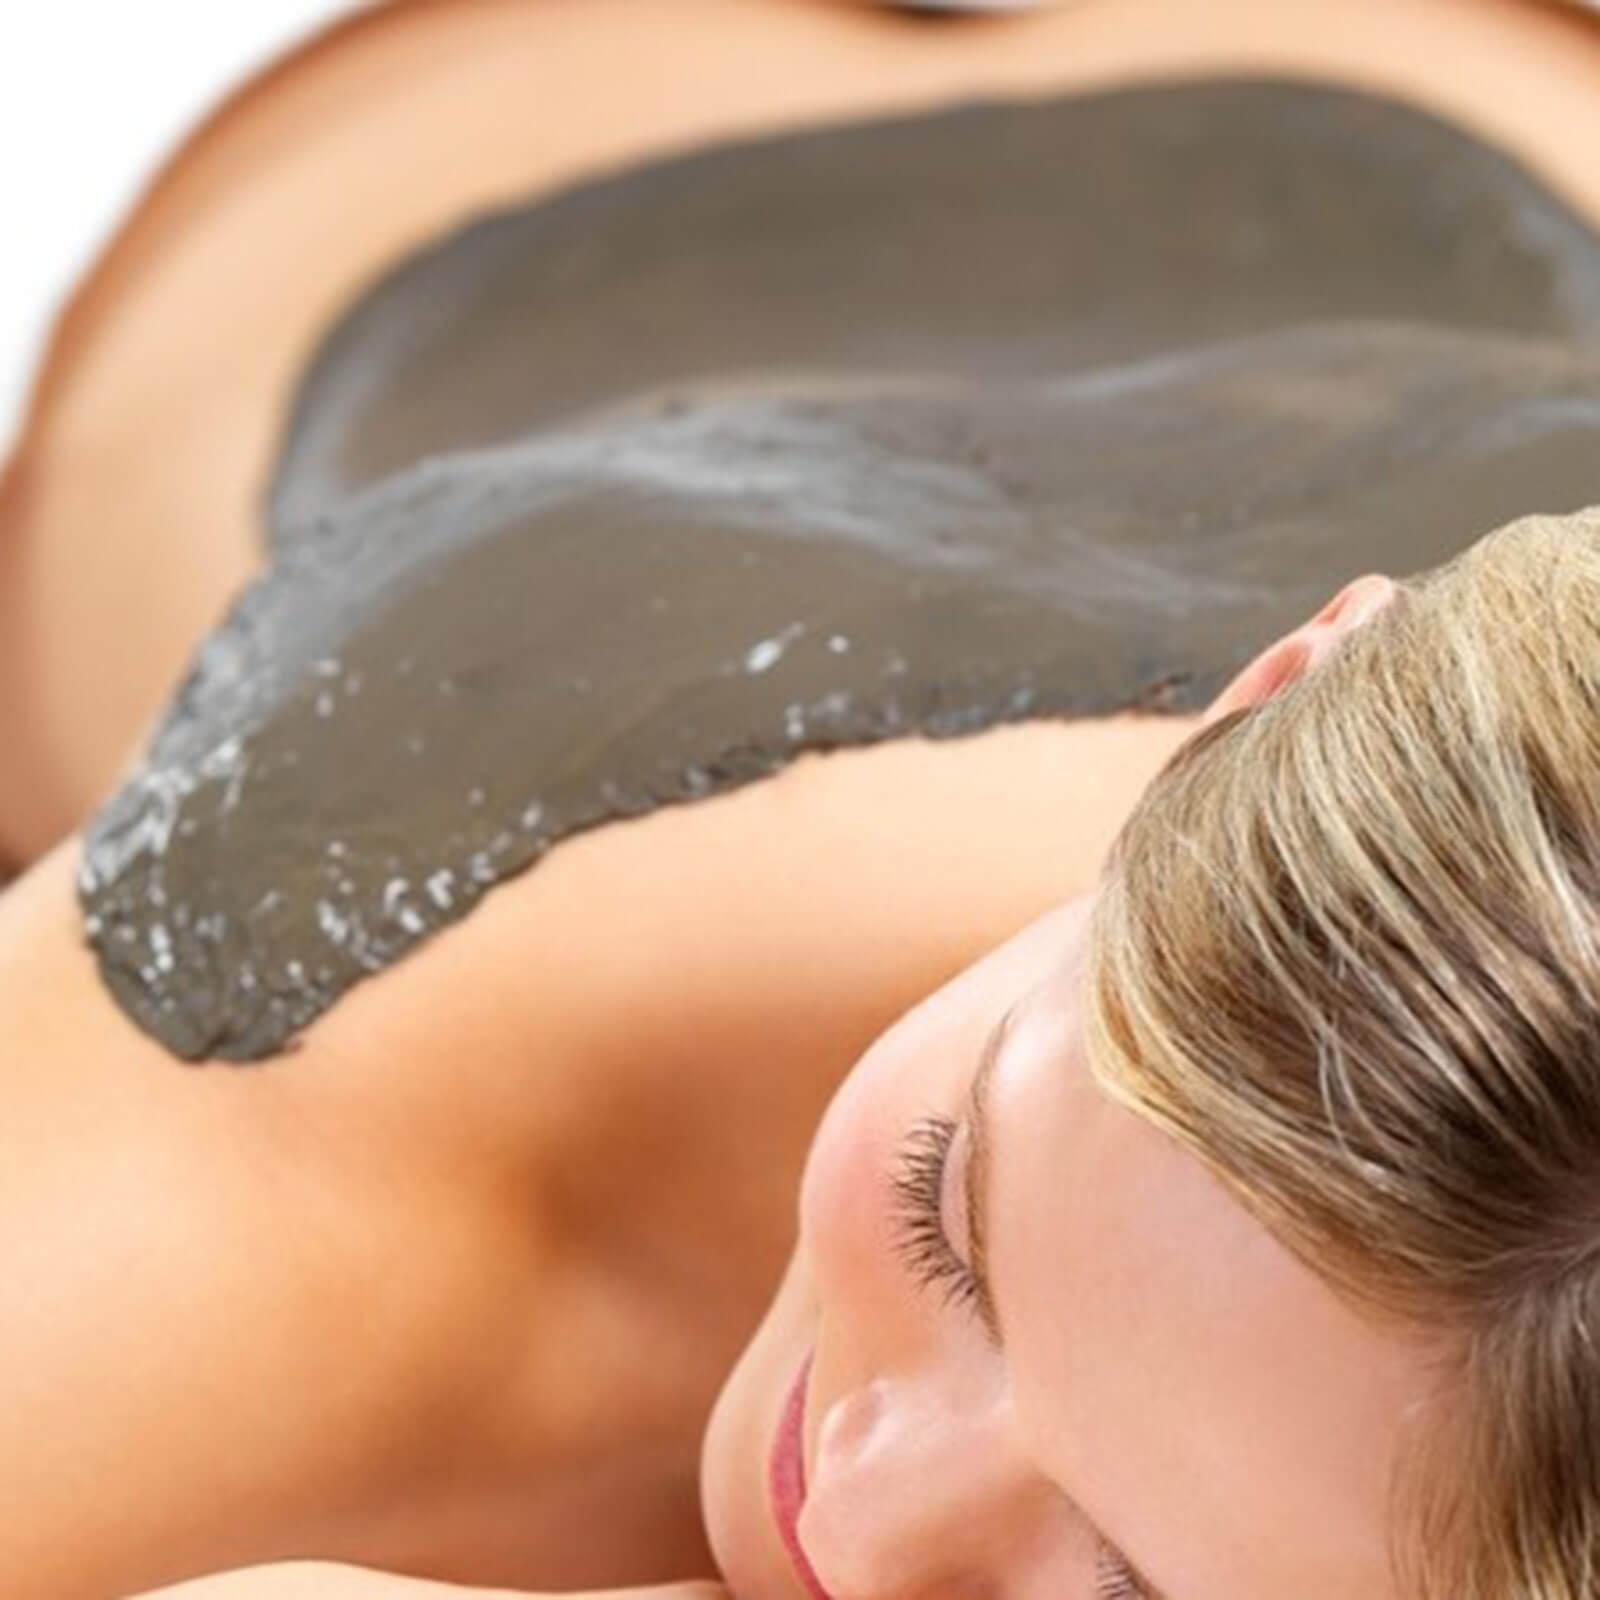 blu-moret-wellness-spa-centro-benessere-udine-trattamento-fangogommage